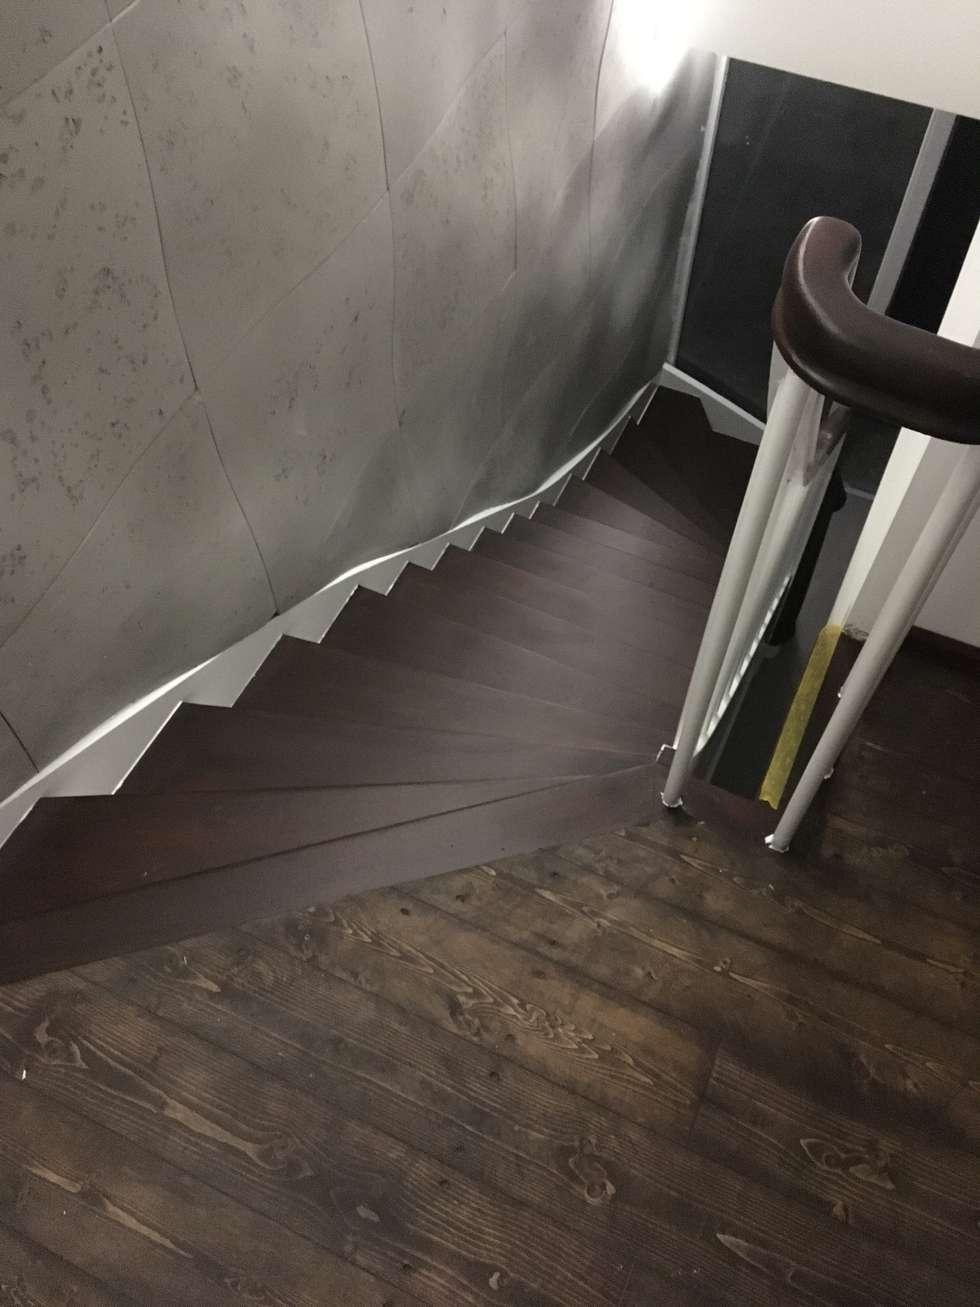 Wandgestaltung treppenhaus flur  Wandgestaltung - treppenhaus, gang, fluor: klassischer flur, diele ...